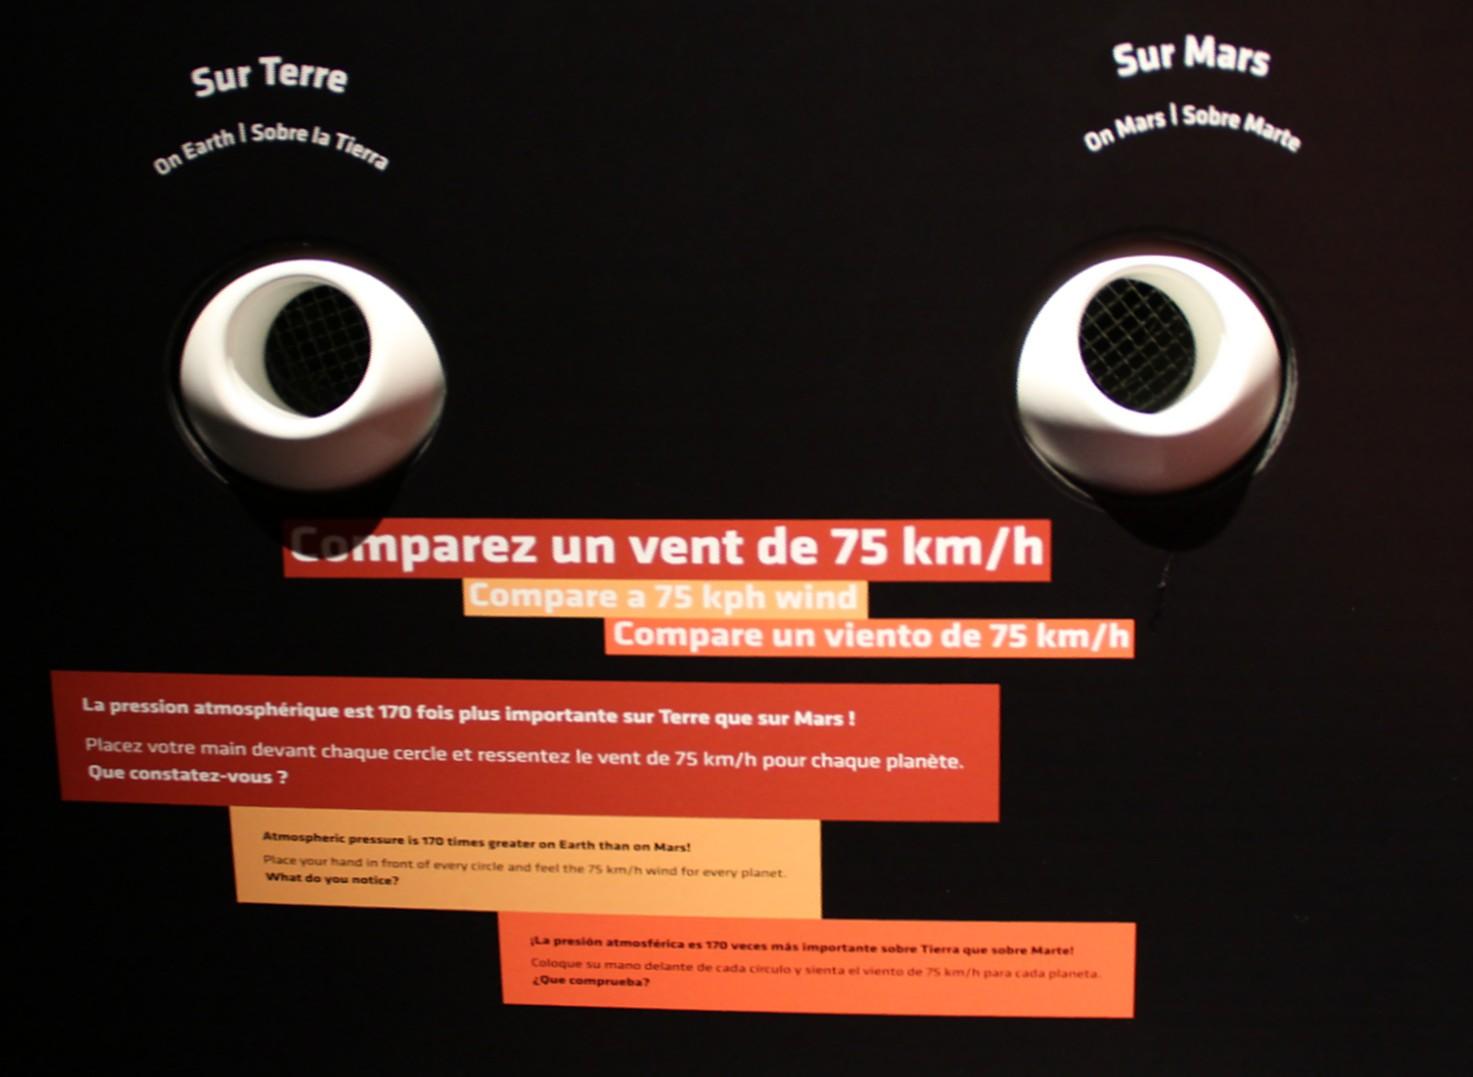 16 02 18 - 16h 31m 09s - Explorez Mars Palais de la Découverte r